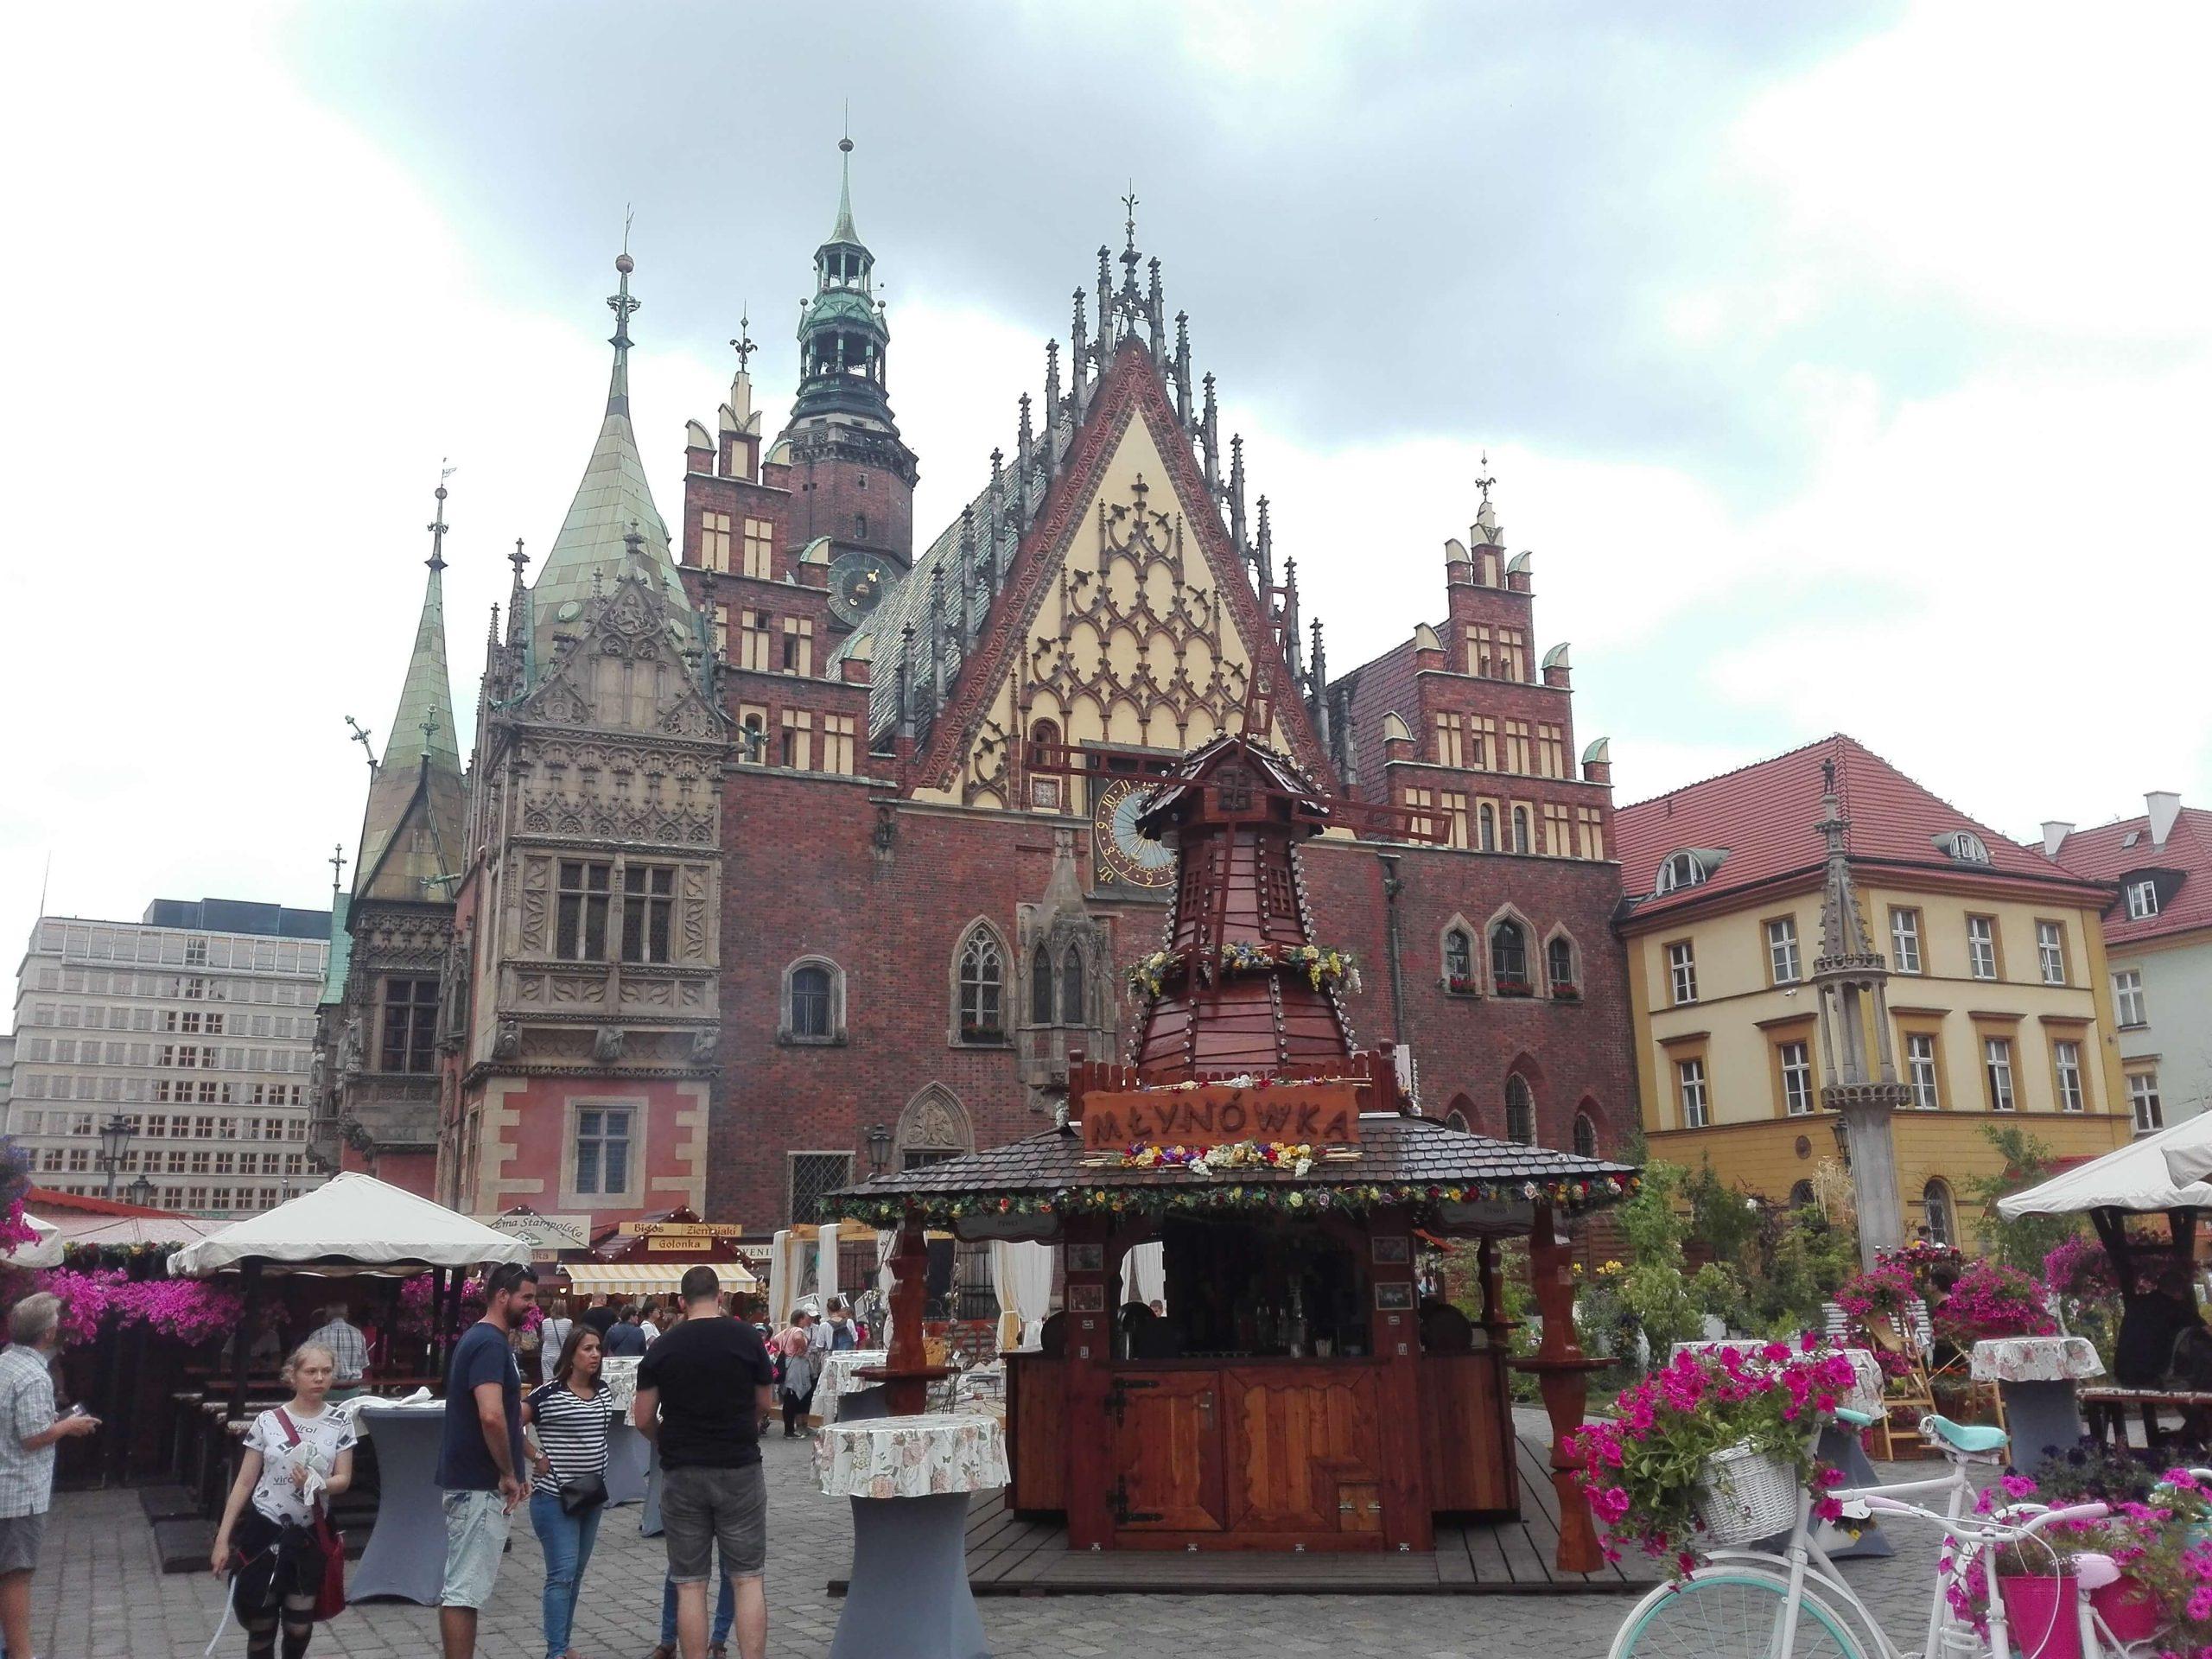 Plaza del ayuntamiento. Wrocaw